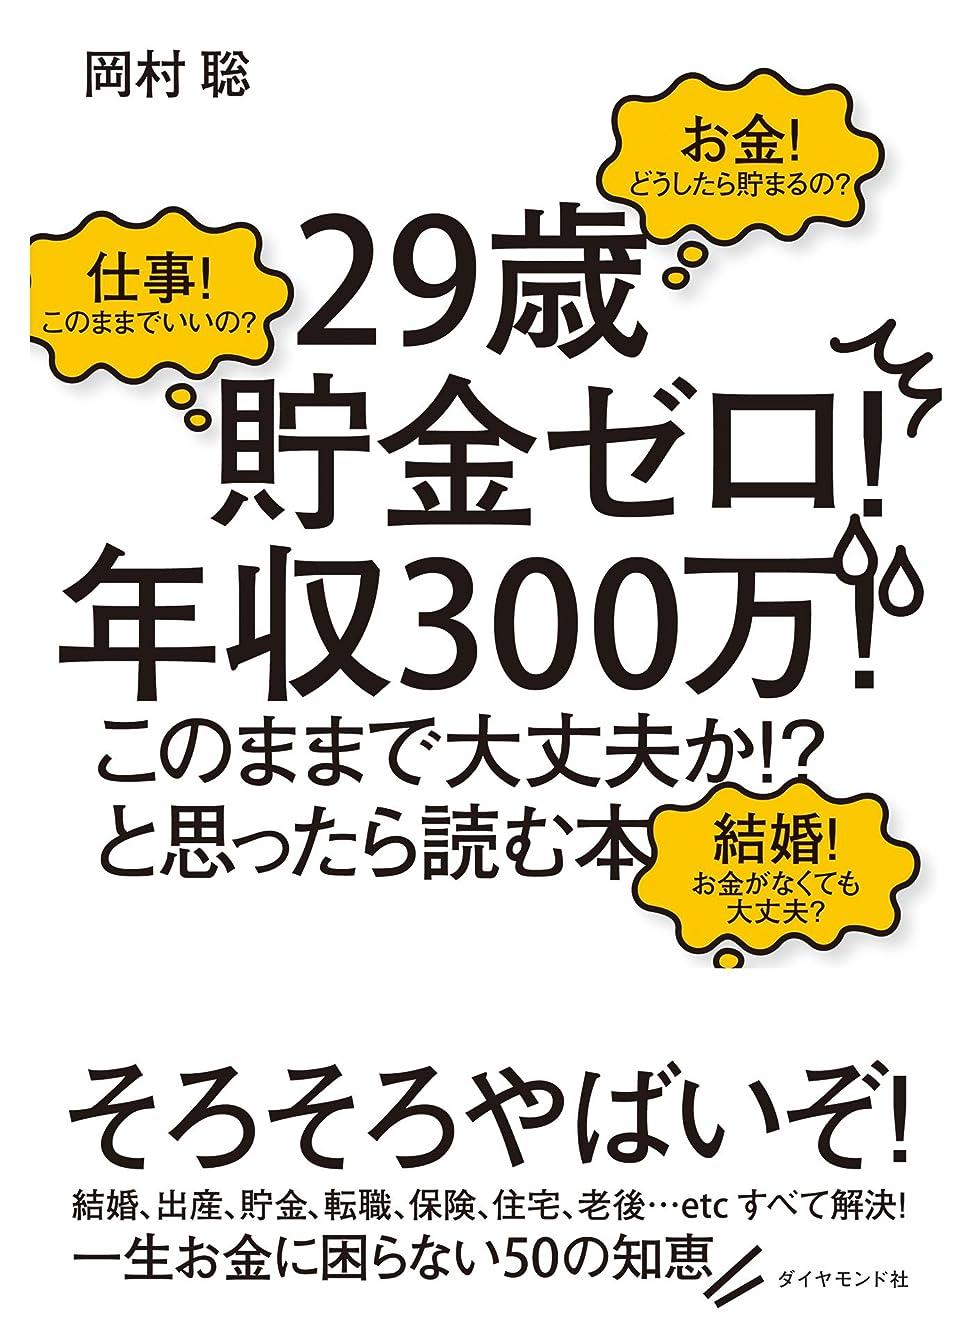 アンティークマイコンアライメント「29歳貯金ゼロ! 年収300万! このままで大丈夫か!?」と思ったら読む本